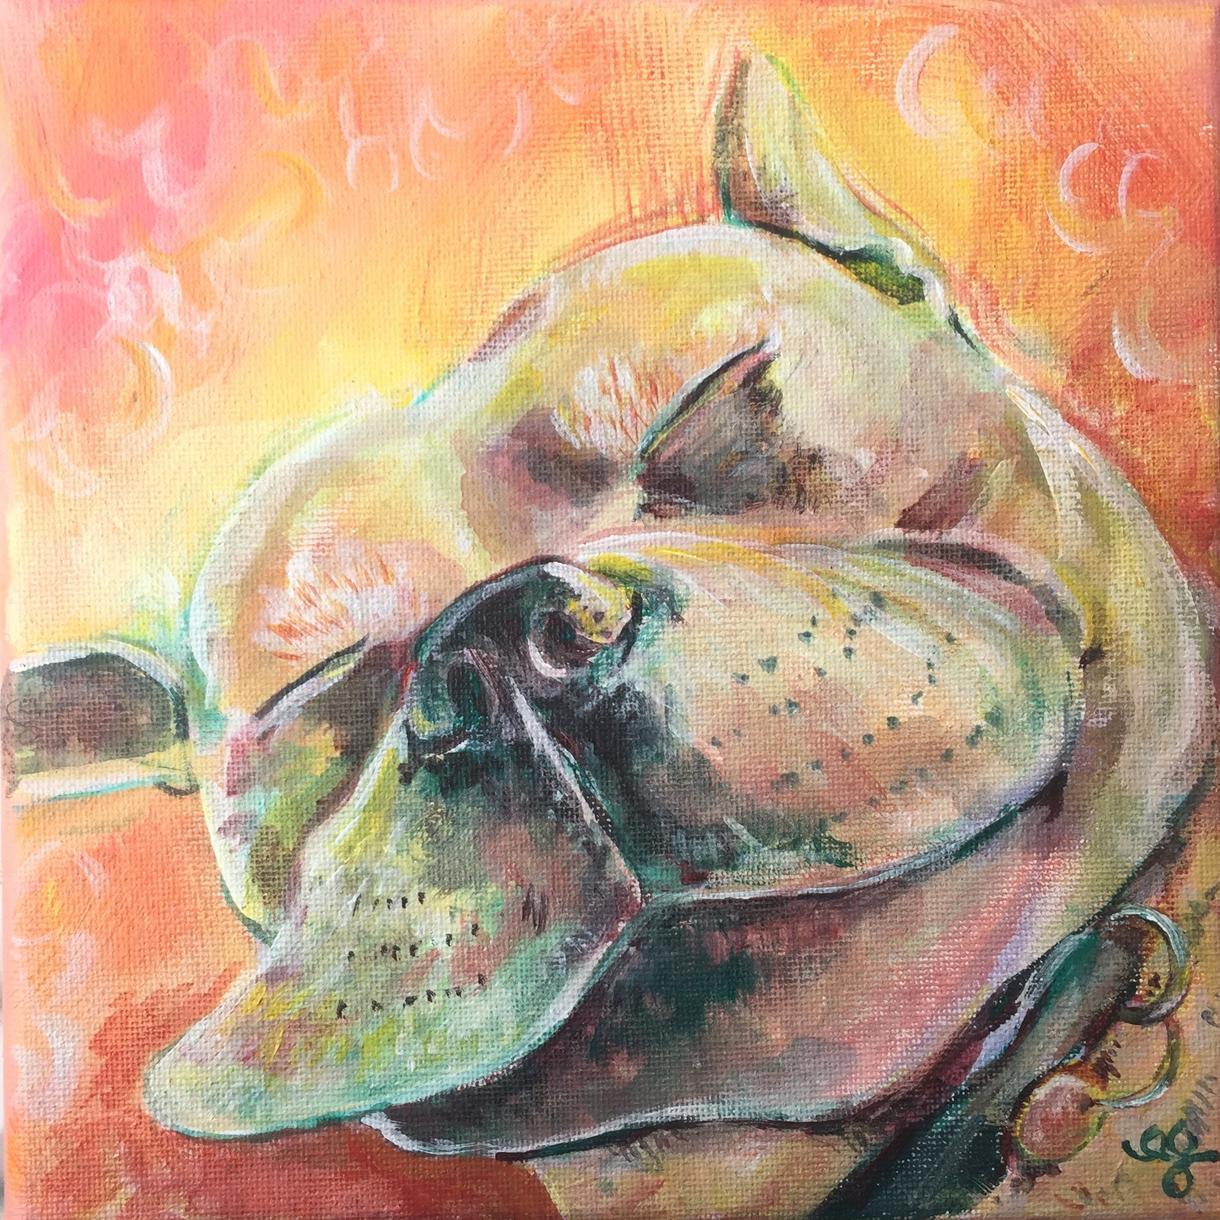 あなたのペット&お好きな動物のお顔描きます 海外路上絵描き経験有。愛情込めて描きます。(送料込) イメージ1